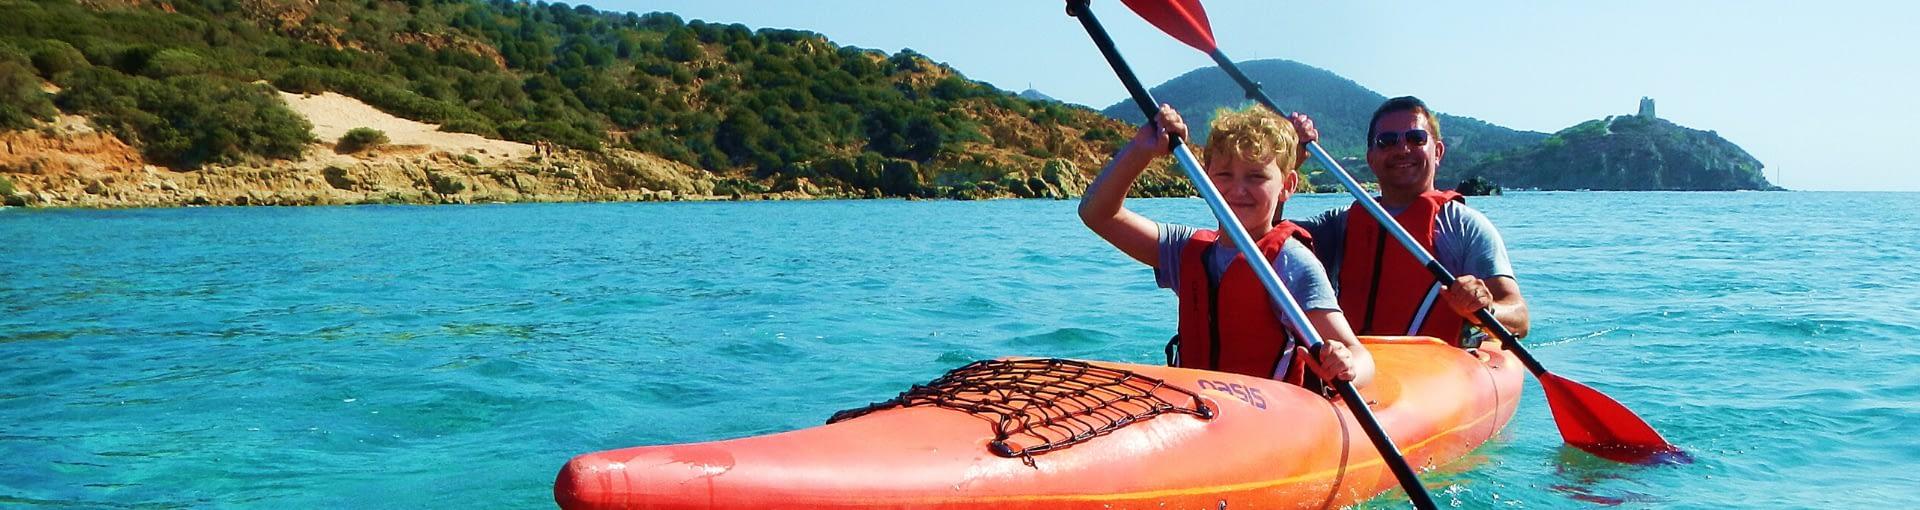 Kayaktour am Meer